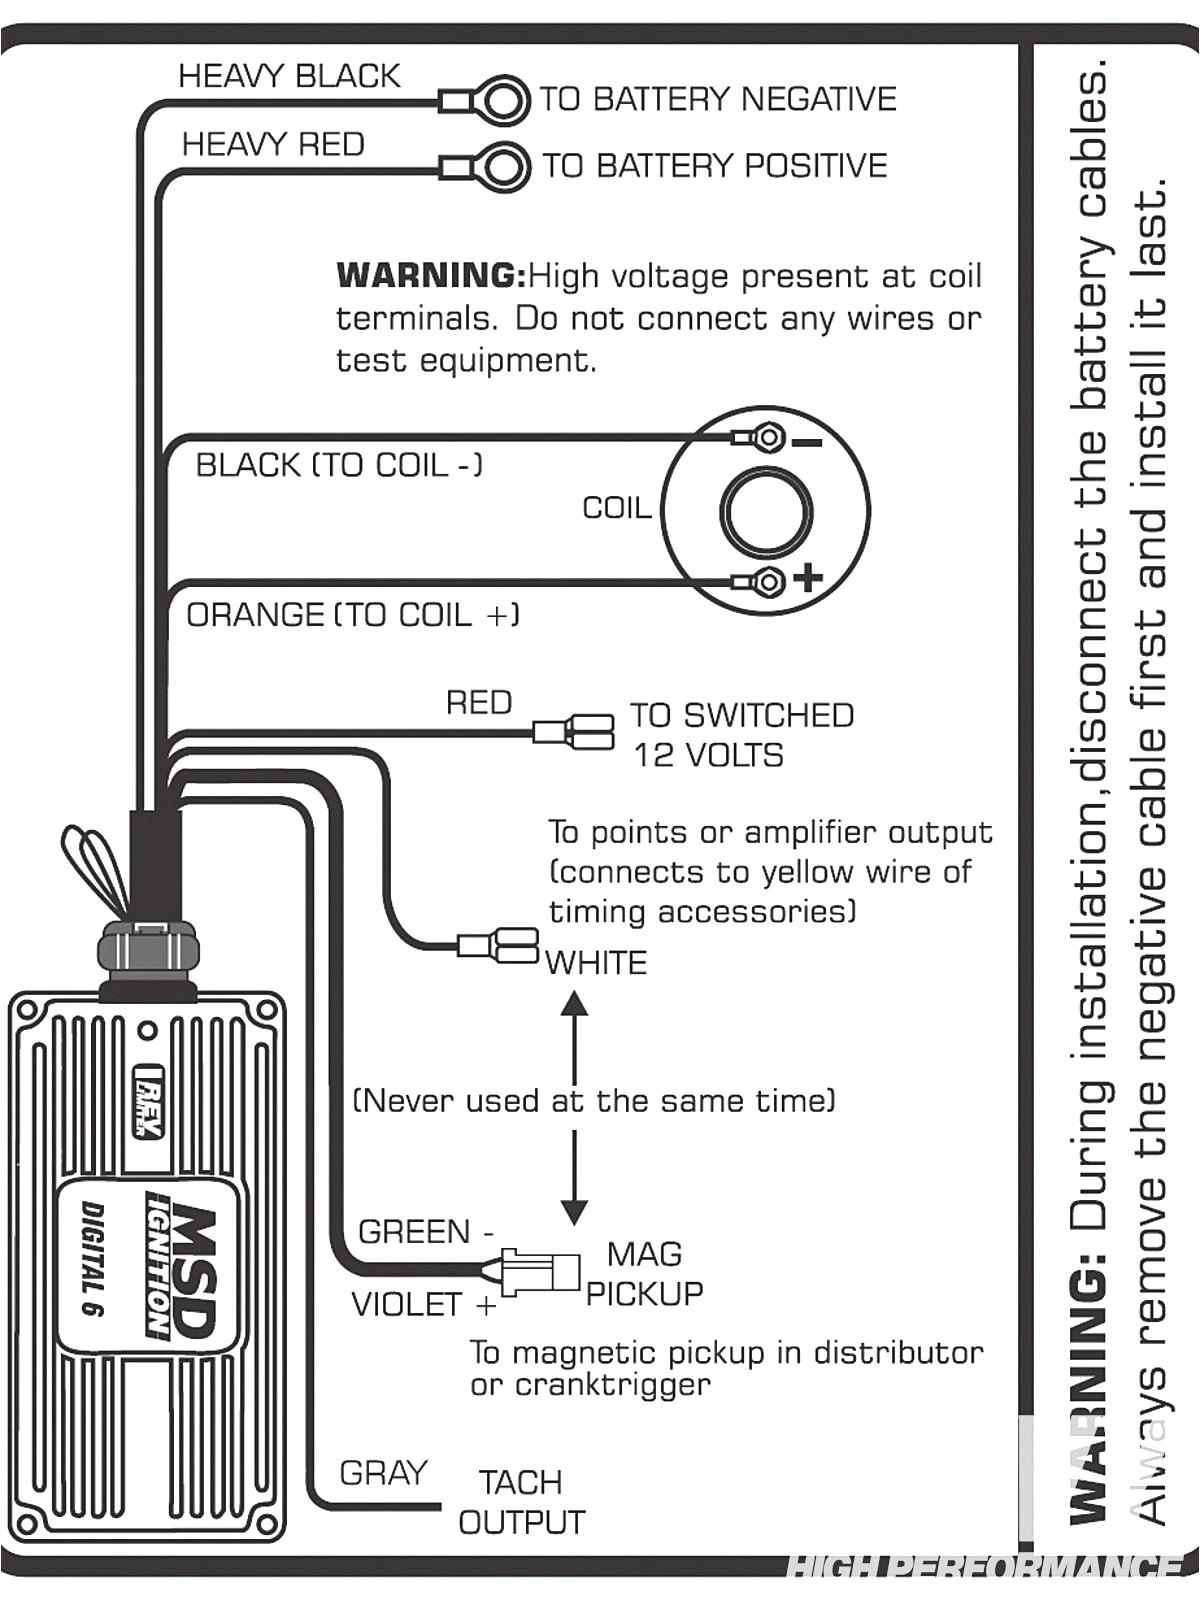 msd 6400 wiring diagram hei wiring diagram sheetmsd 6400 wiring diagram wiring diagram img msd 6400